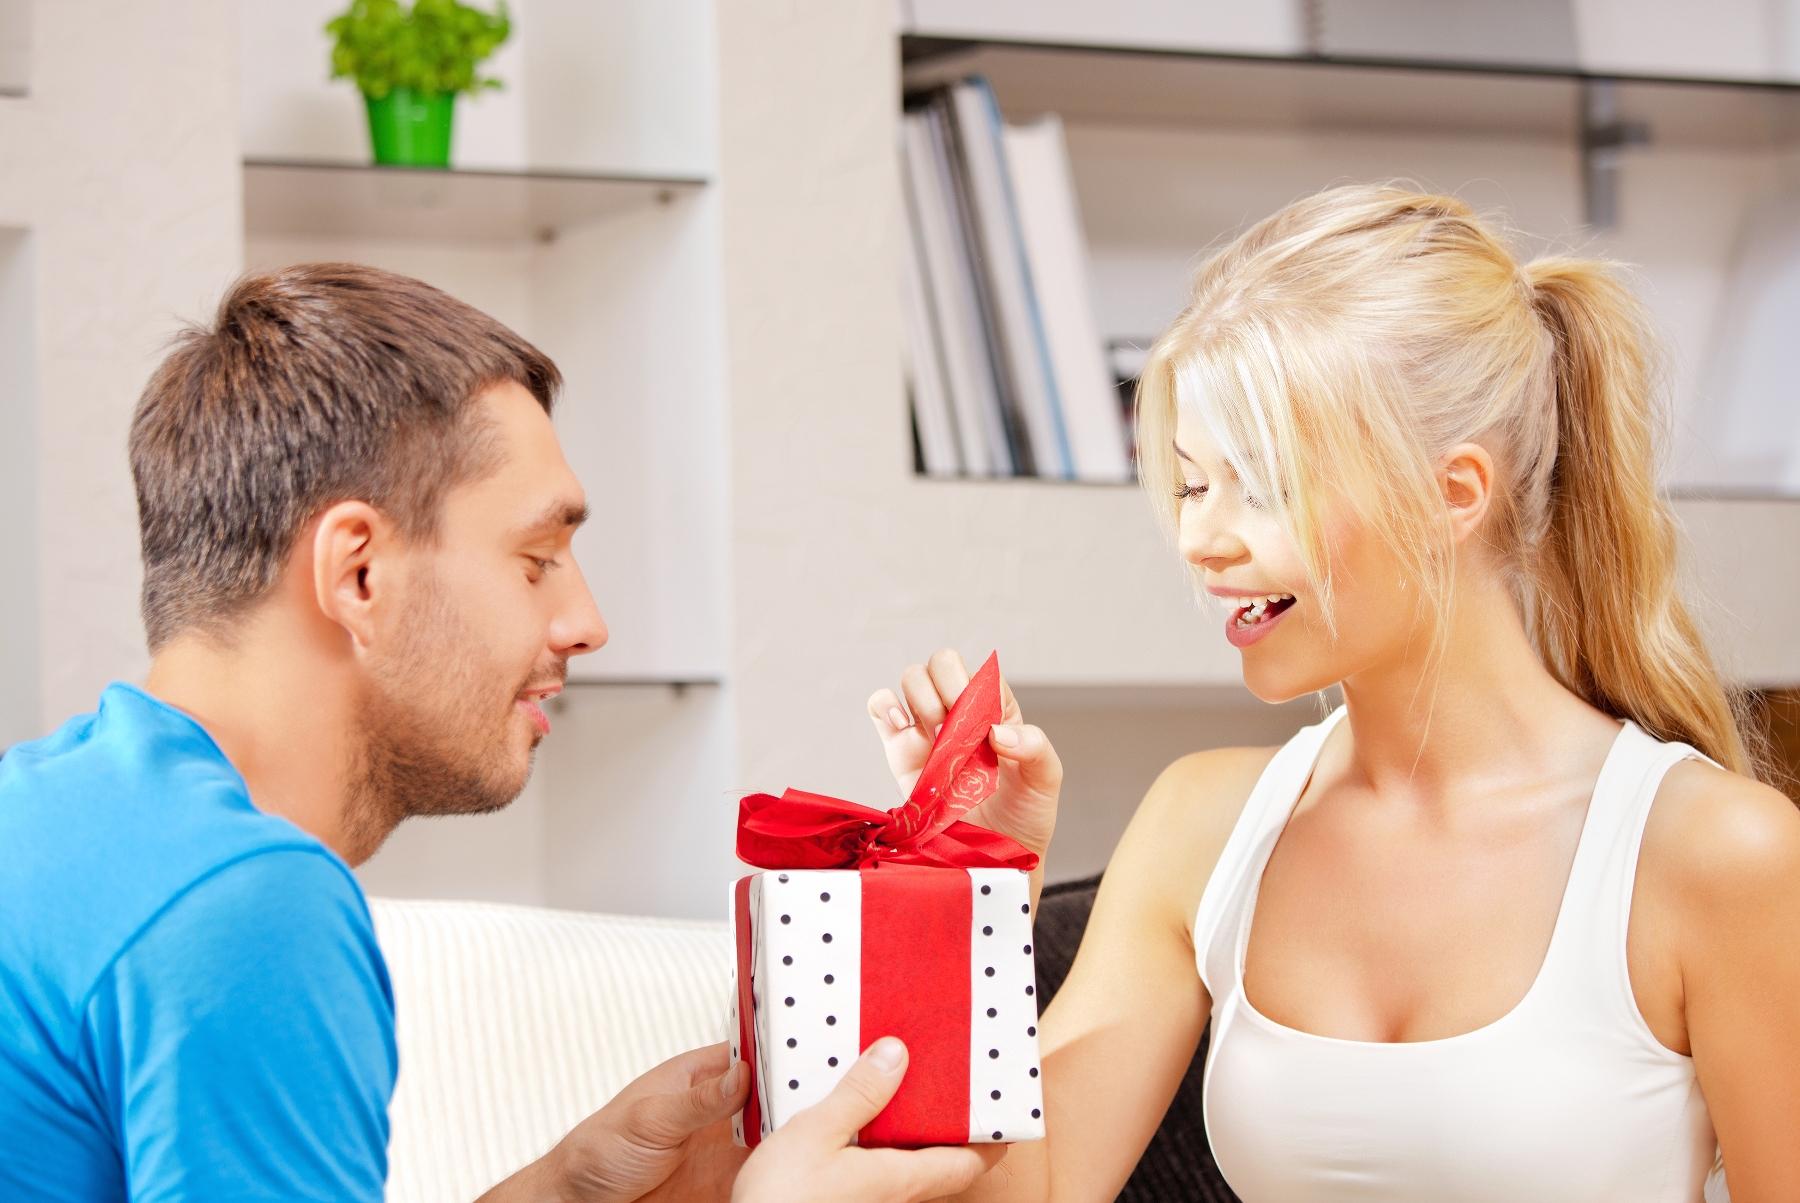 Vīrs pasniedz sievai dāvanu